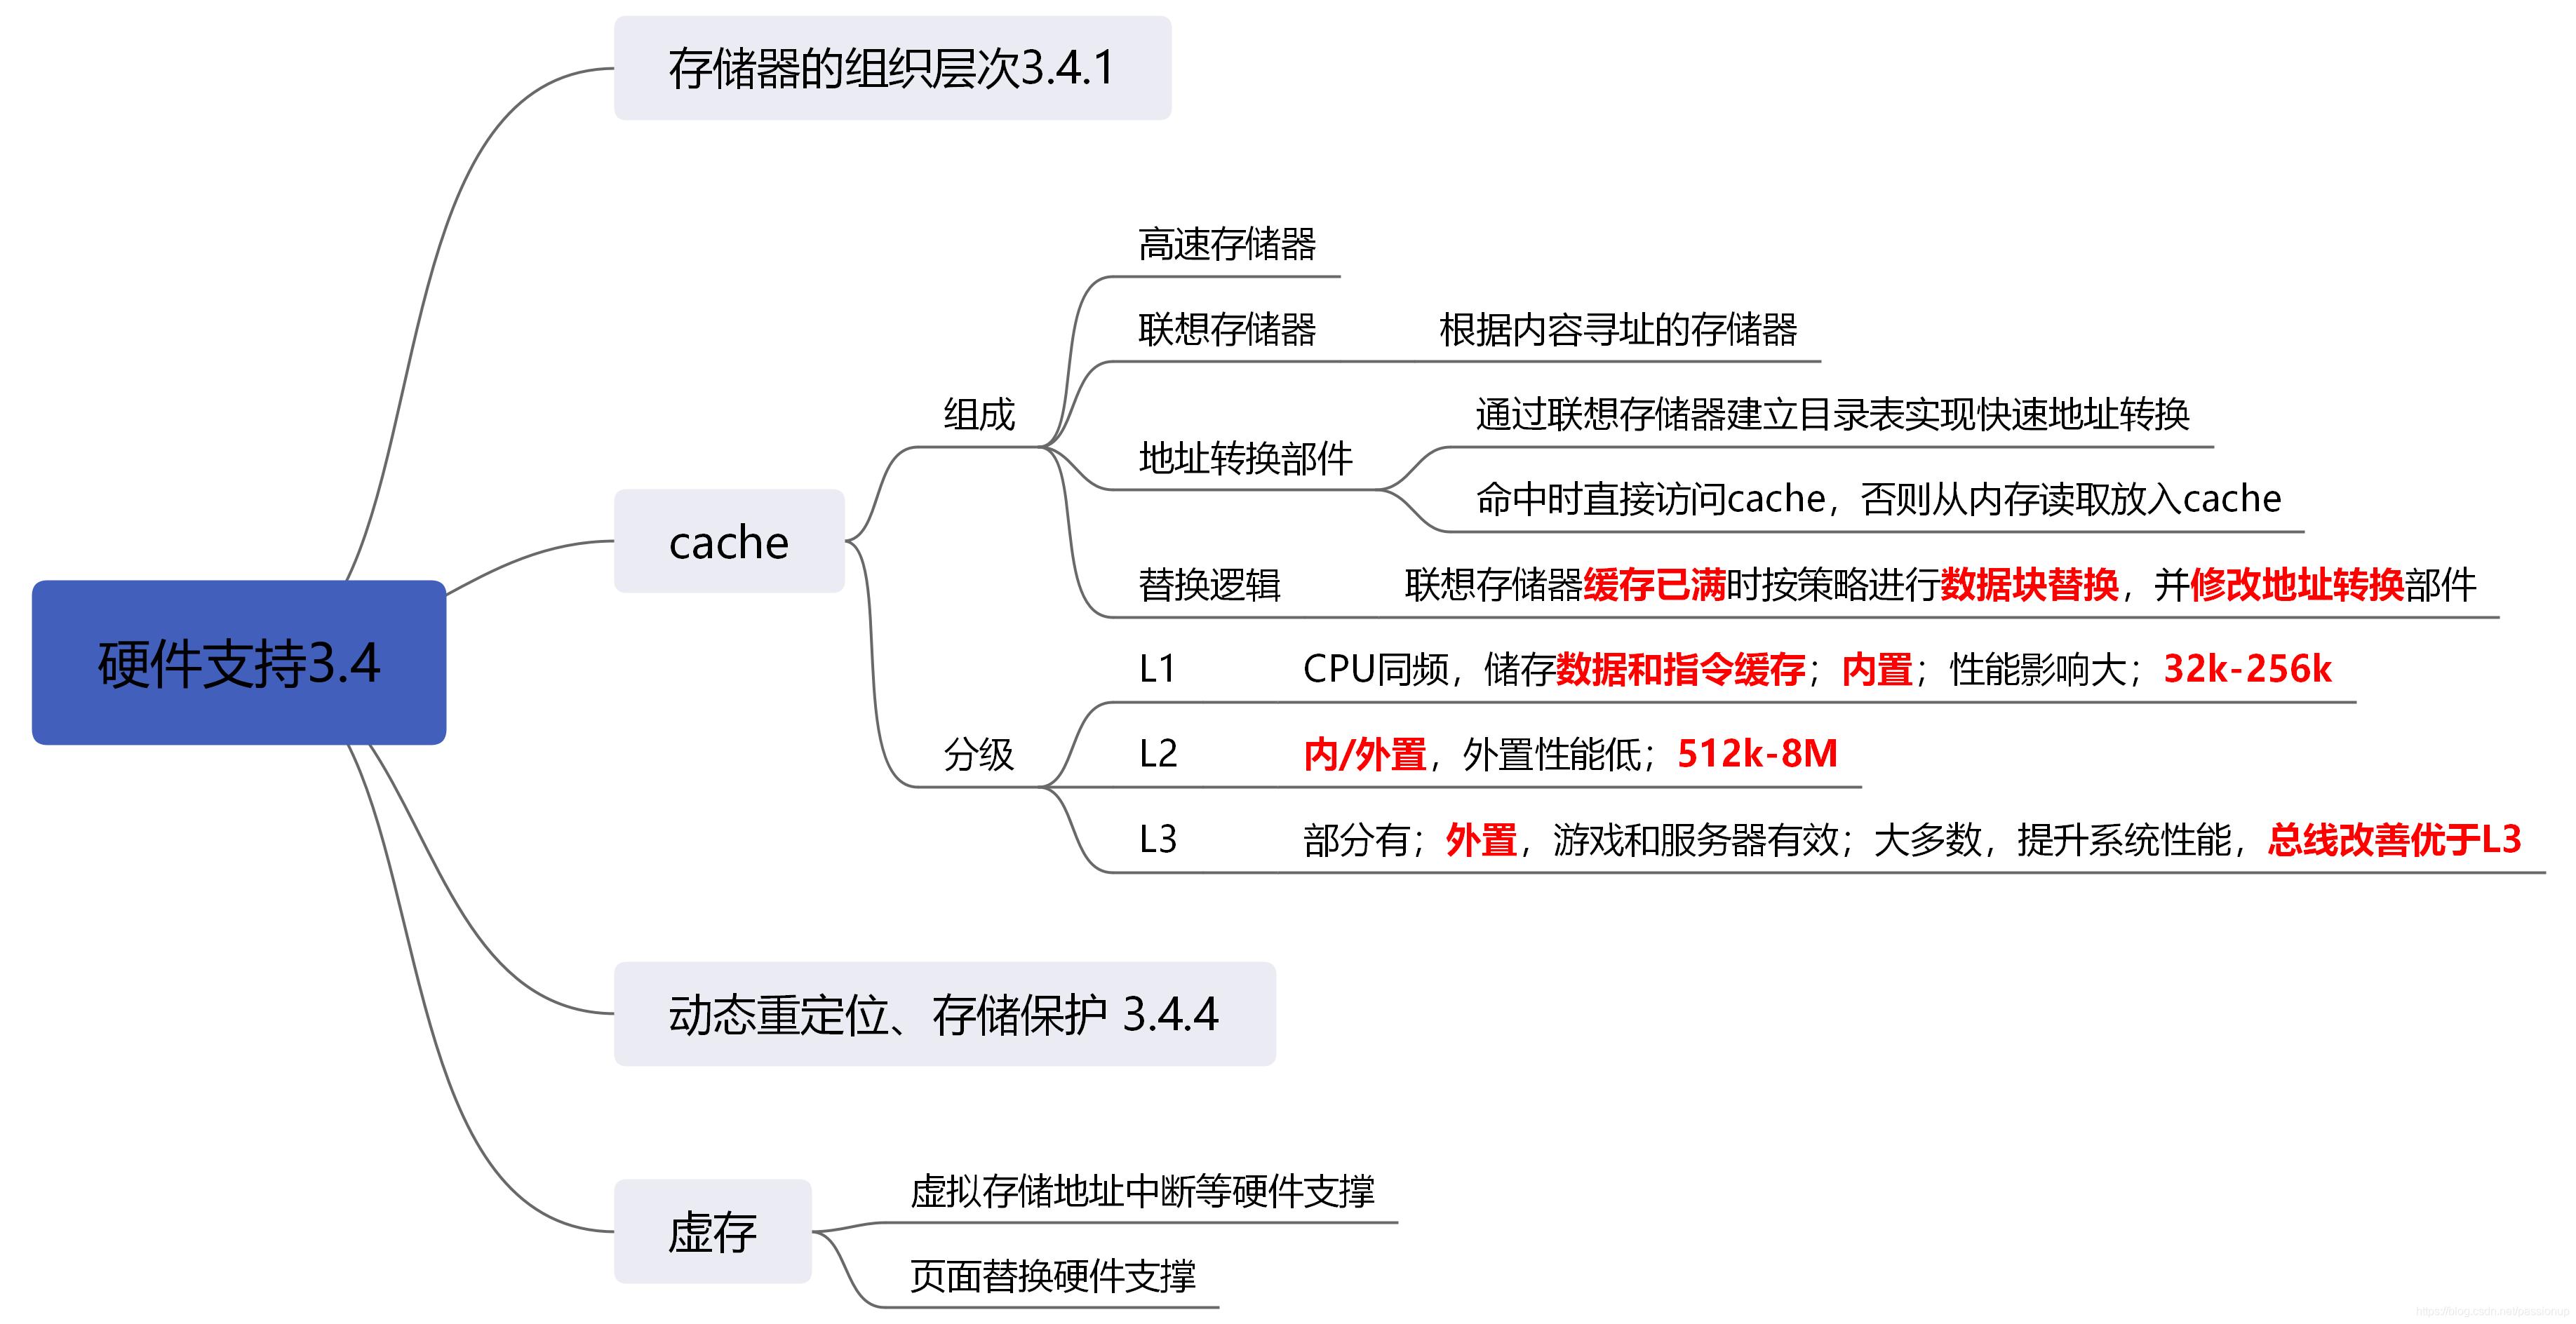 [外链图片转存失败,源站可能有防盗链机制,建议将图片保存下来直接上传(img-pAqenJYT-1586102213149)(3_存储管理.assets/硬件支持3.4.png)]